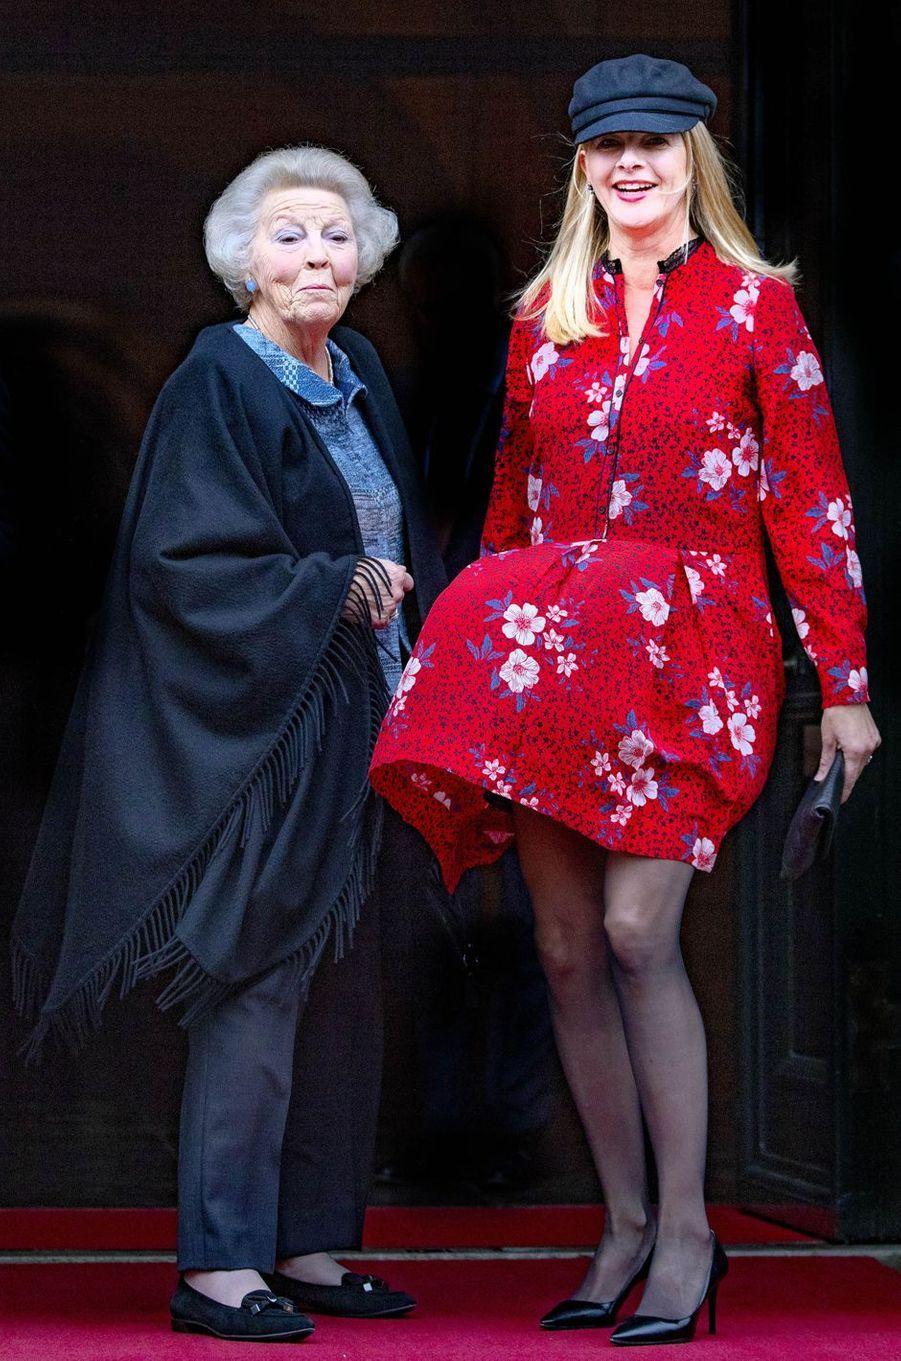 Les princesses Beatrix et Mabel des Pays-Bas à Amsterdam, le 6 décembre 2018